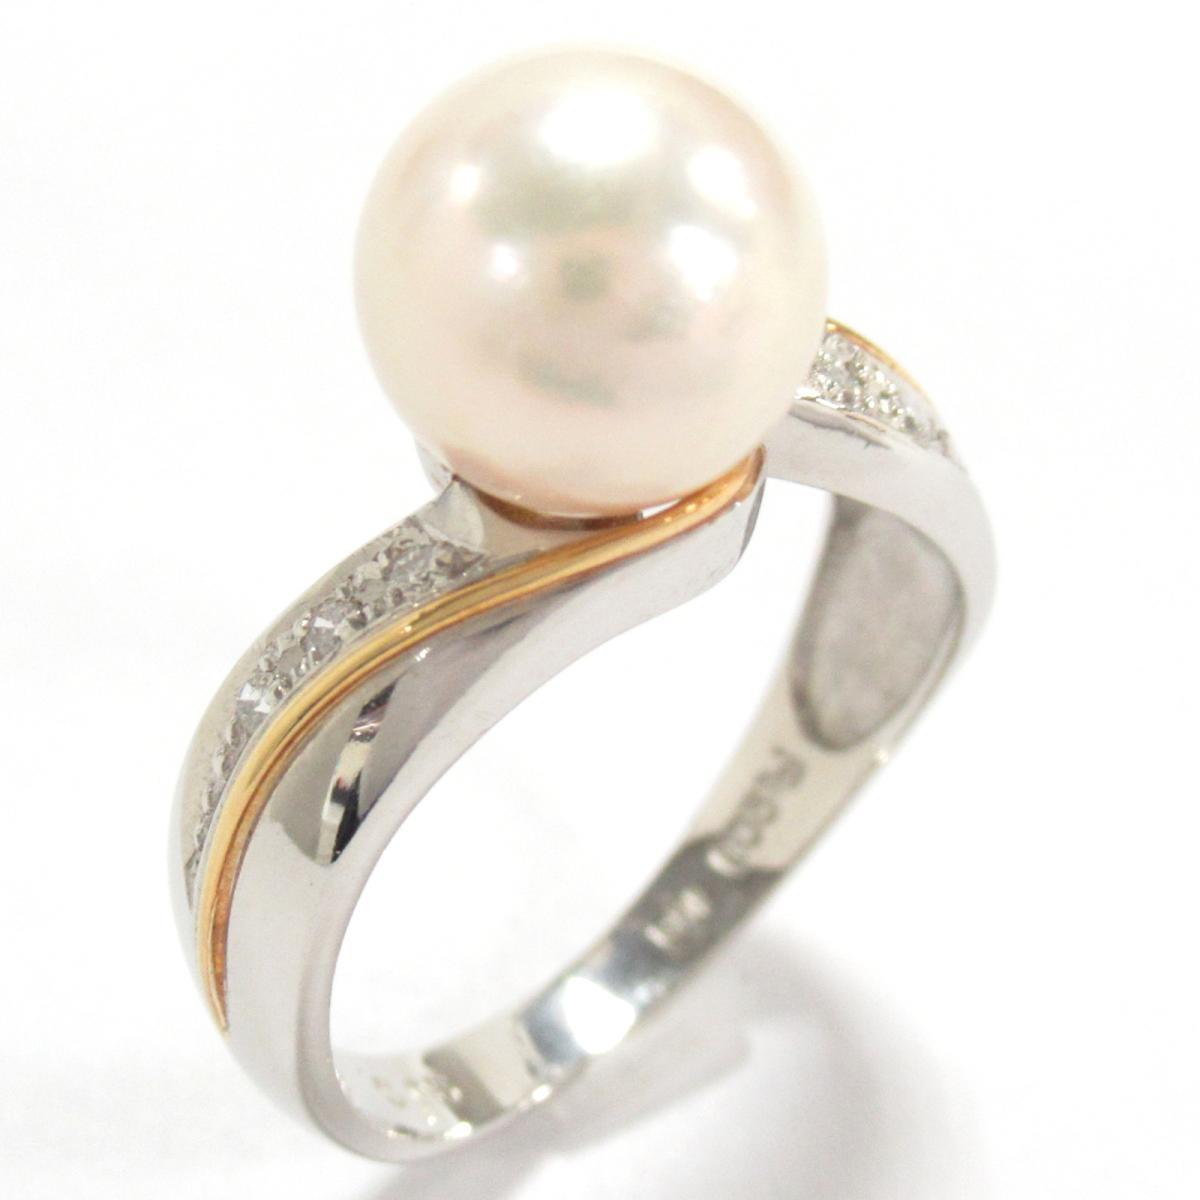 ジュエリー パールリング 指輪 ノーブランドジュエリー レディース K18YG (750) イエローゴールドxPT900プラチナxパール8.5mmxダイヤモンド0.06ct ホワイト 【中古】 | ブランド